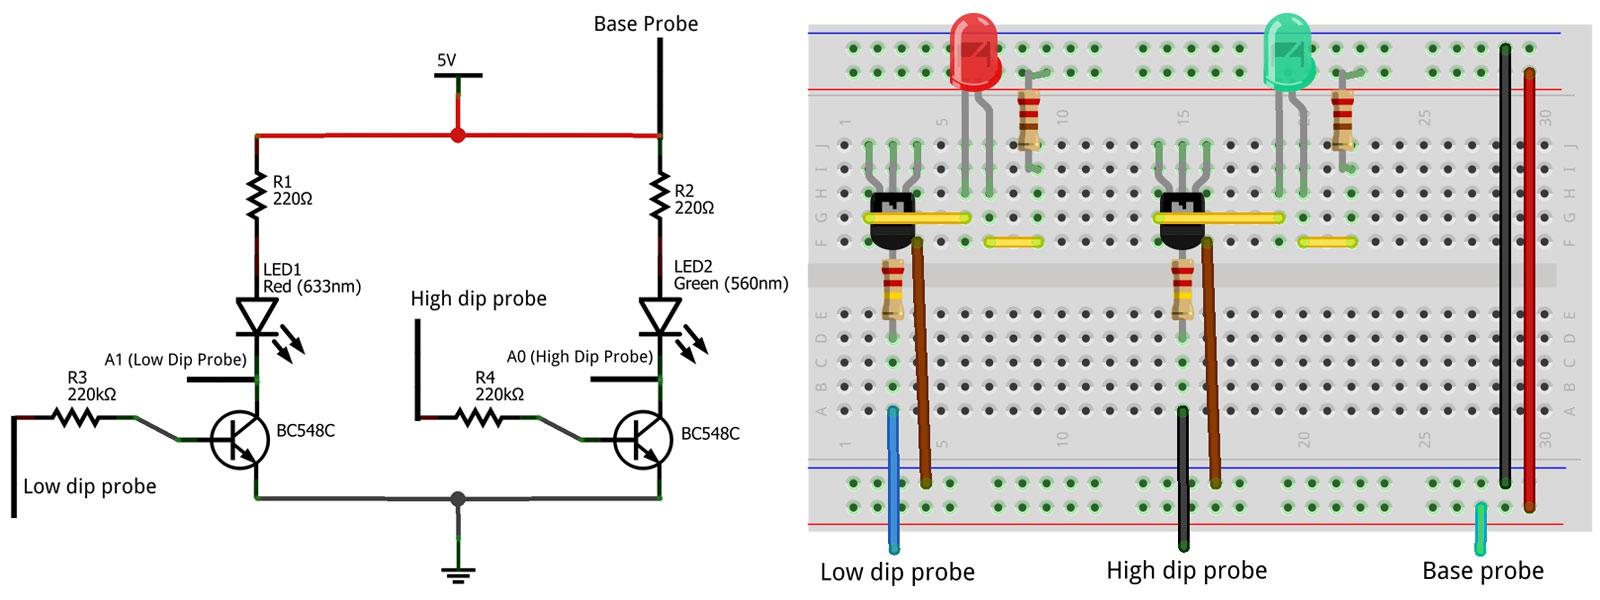 pww_circuitcomp